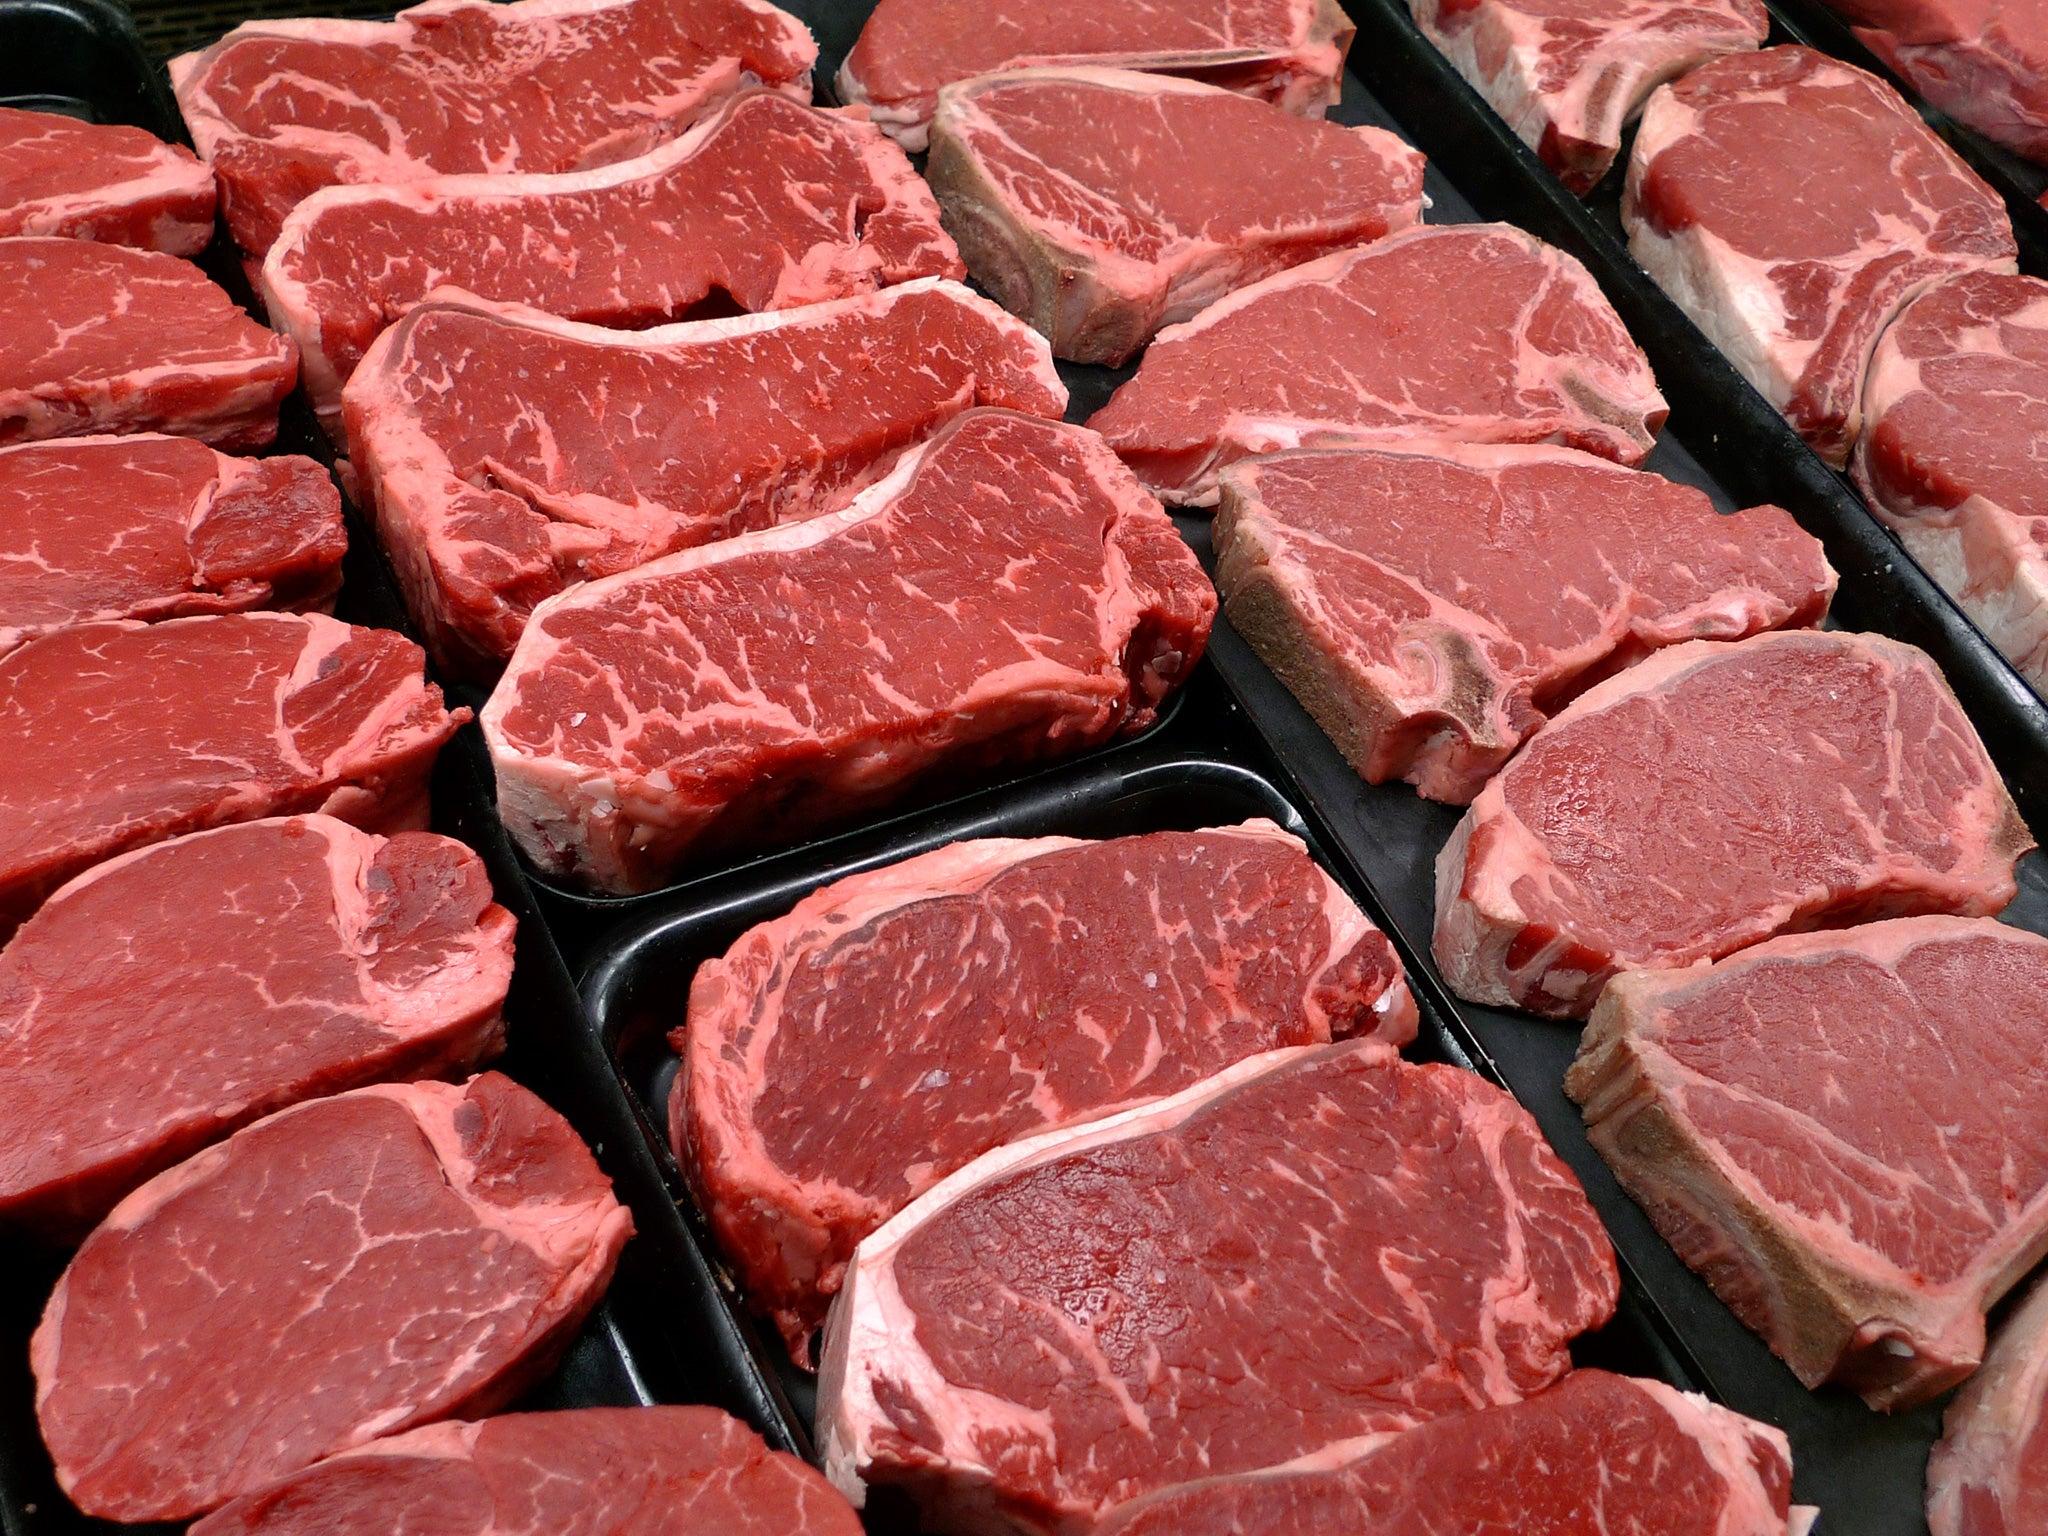 کاهش 6 تا 16 درصدی قیمت گوشت گوسفندی در بازارهای میوه و ترهبار+ جدول